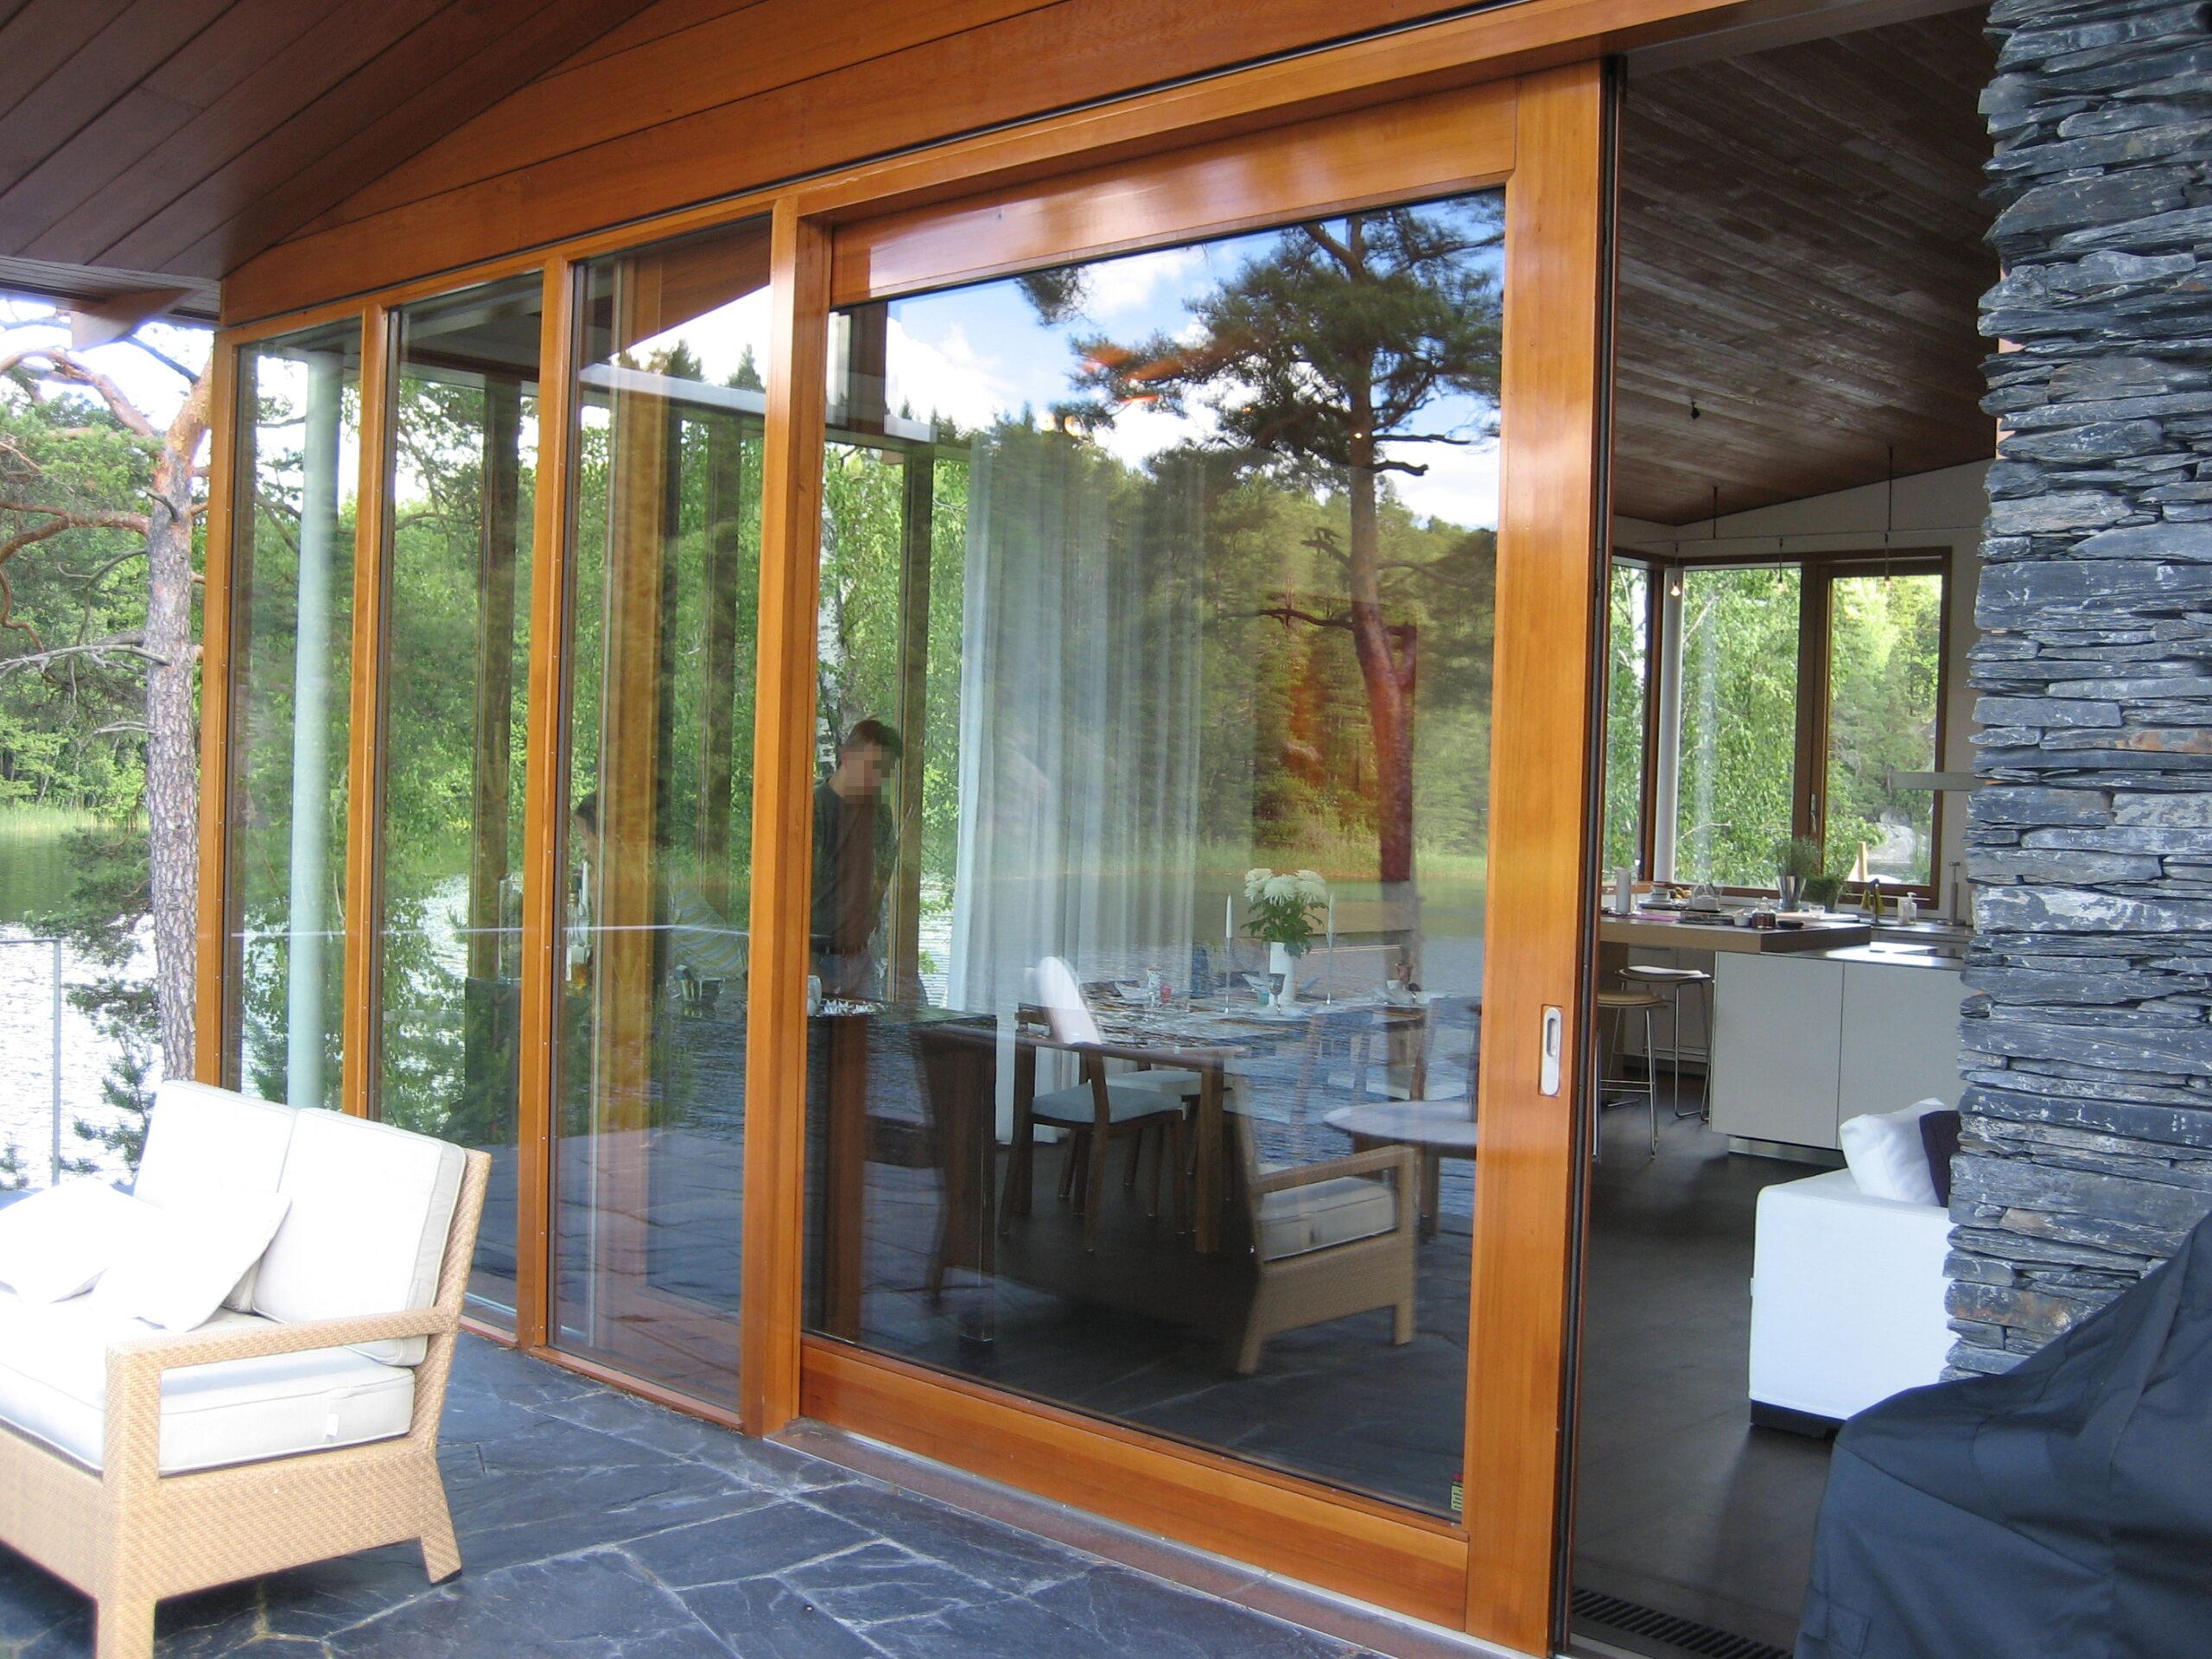 7084 - Villa Insjön - Skjutdörr med eluppvärmt glas via dold kabelkedja